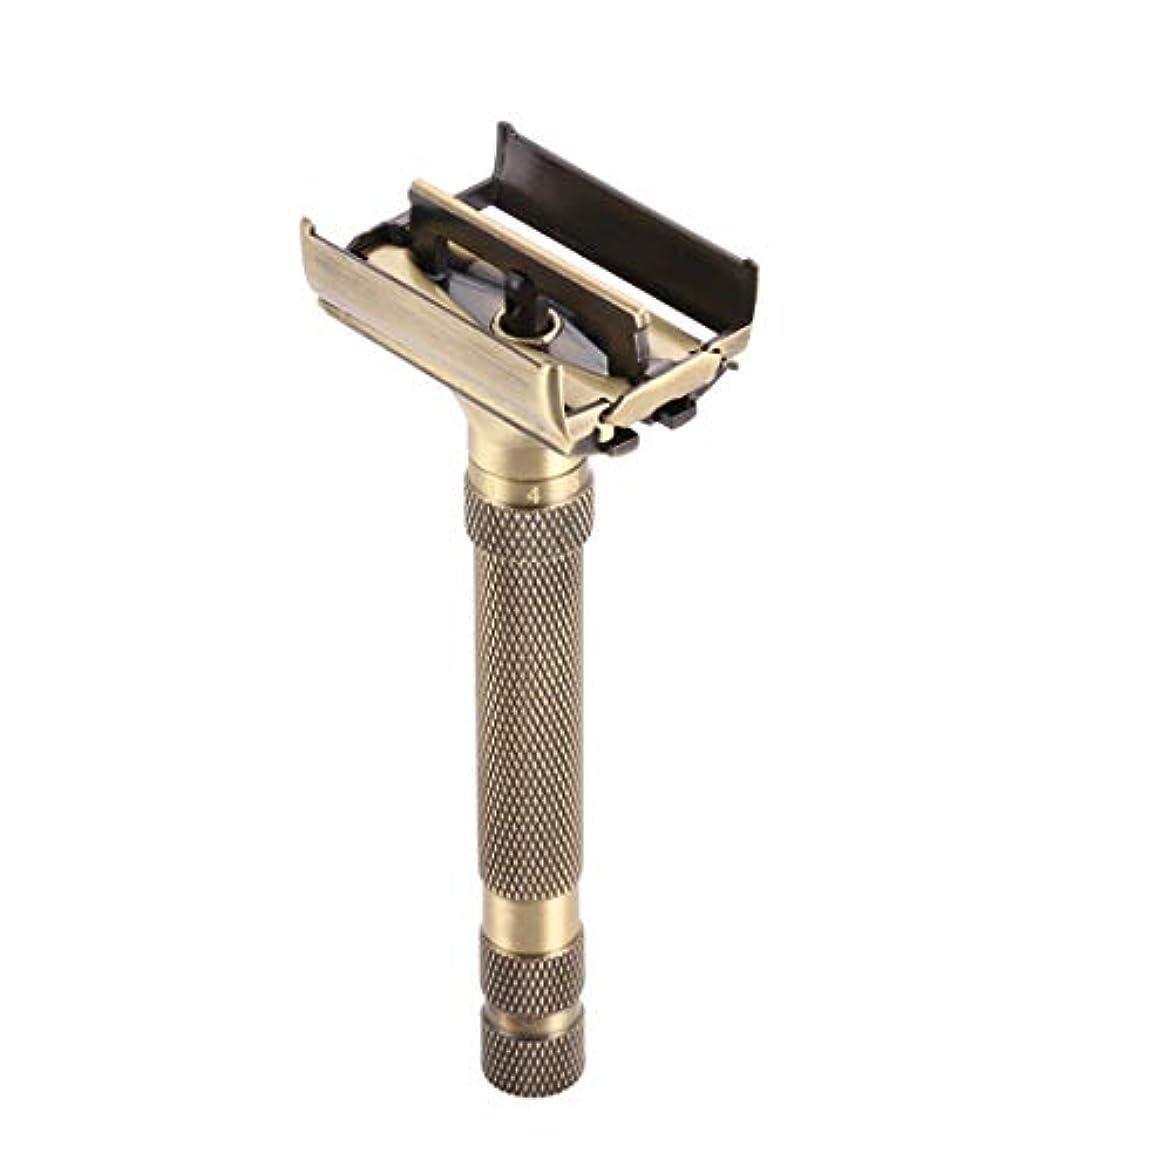 自殺滅多虫を数えるクラシックダブルエッジカミソリ真鍮両面手動かみそり ブレード露出調整可能 ダブルエッジ 安全レイザー 替刃5個付